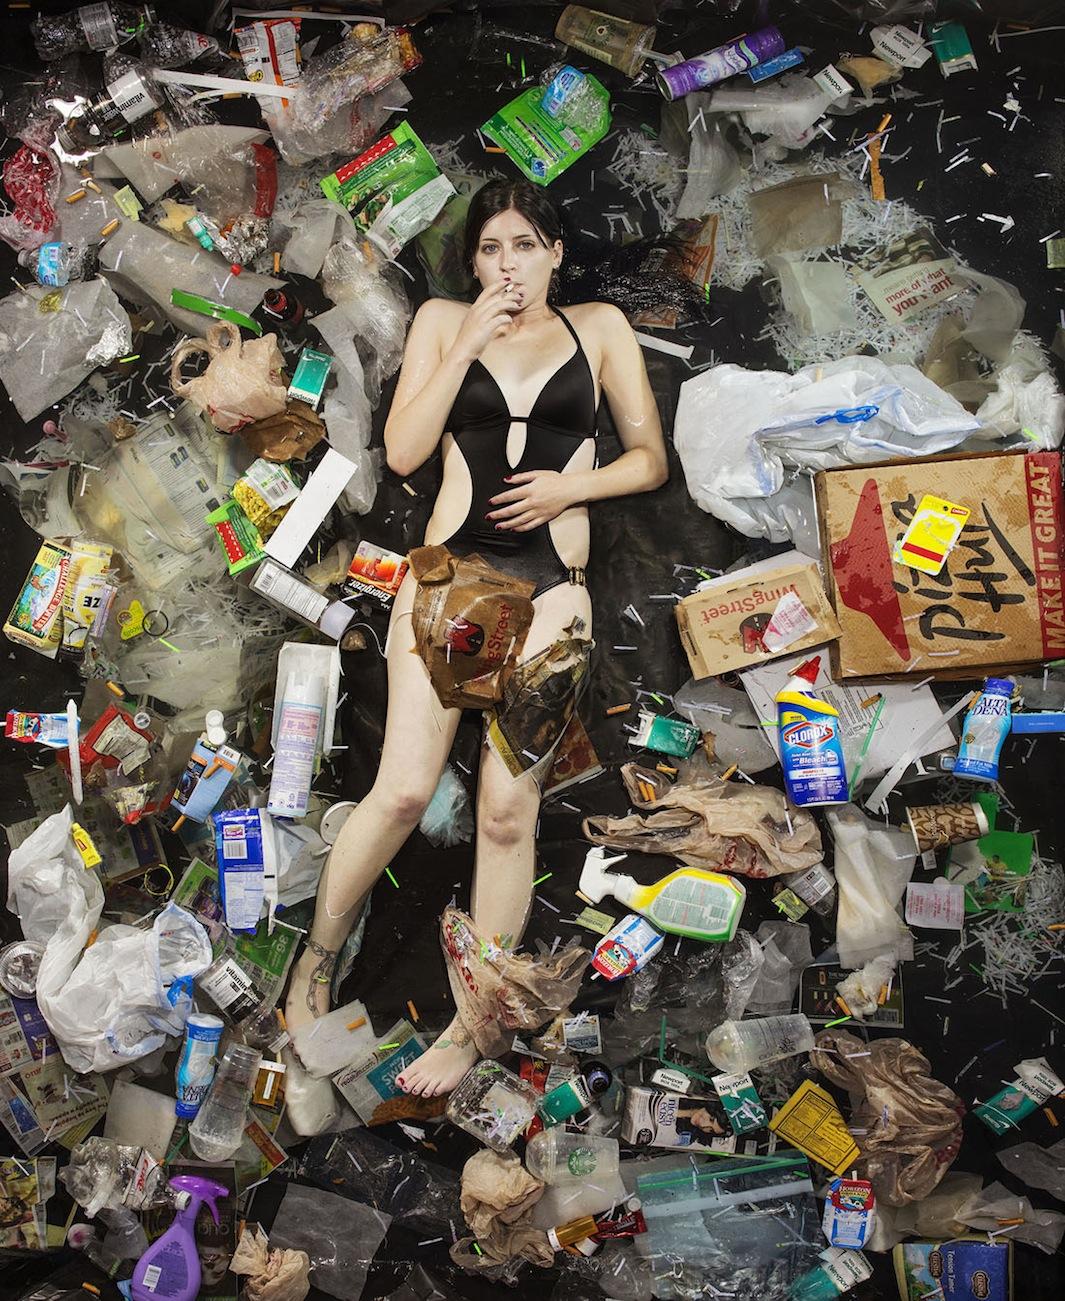 1_7 Days of Garbage 57663